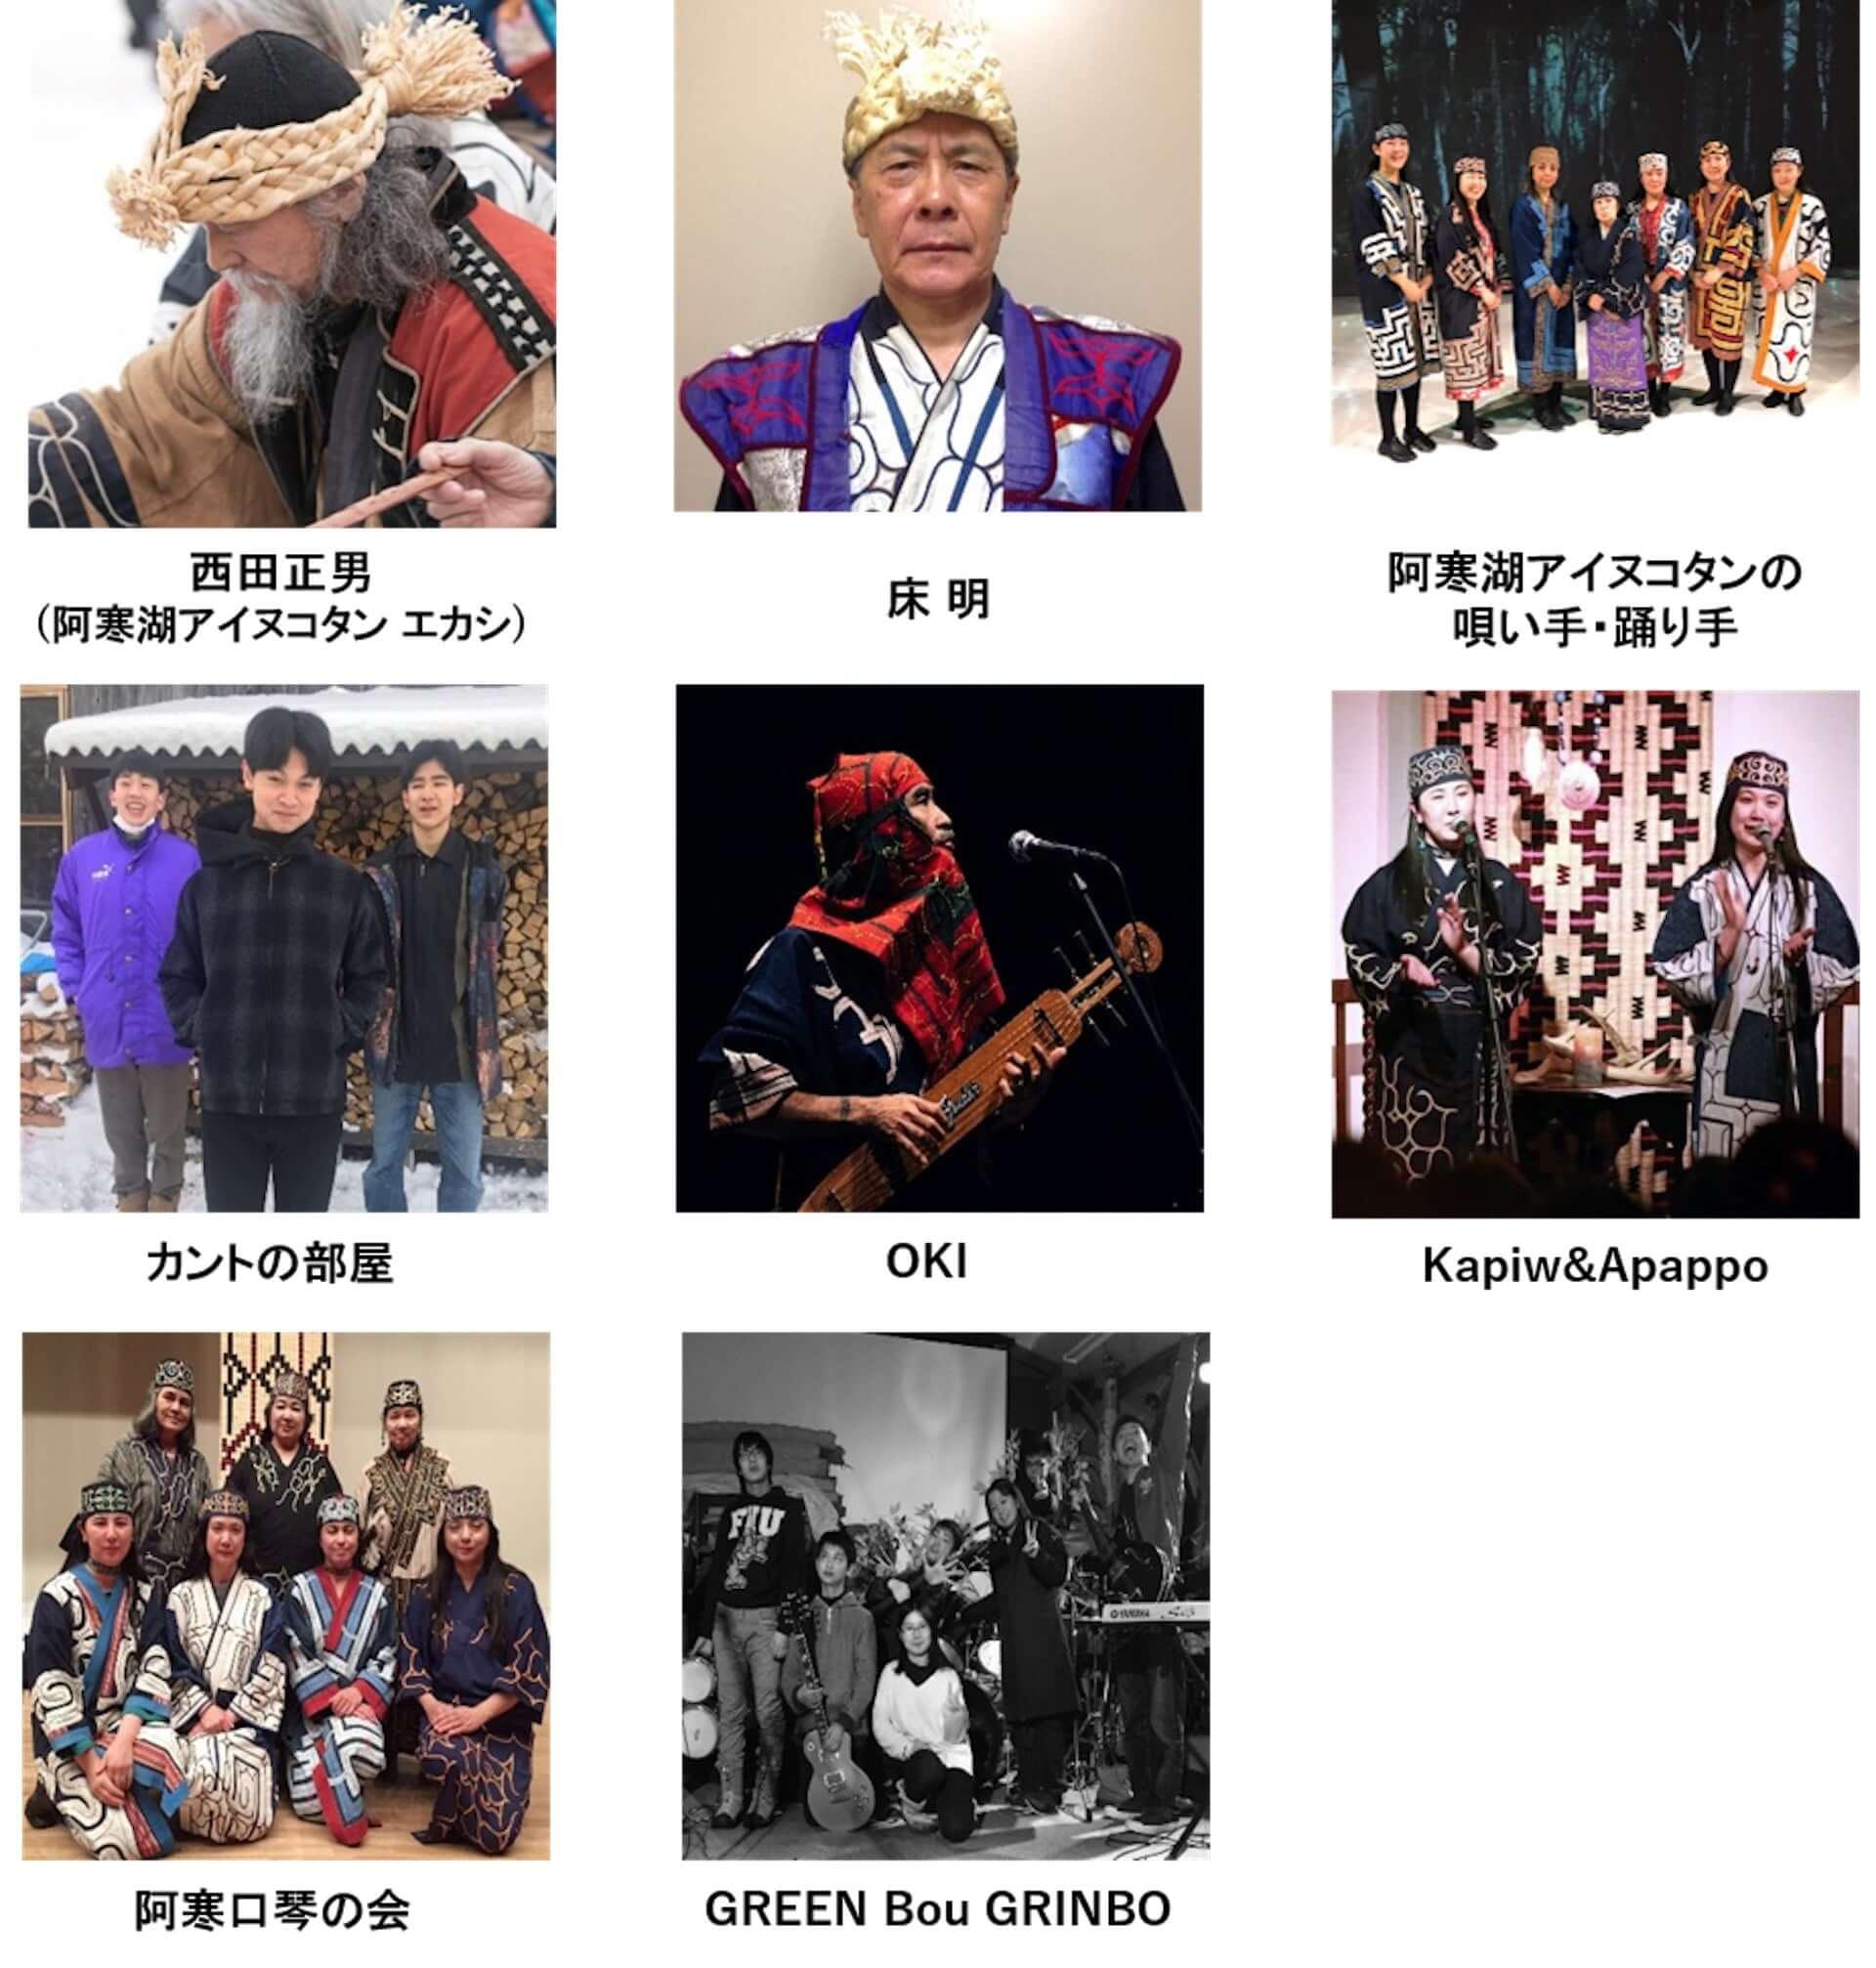 阿寒ユーカラ<ウタサ祭り>が今年は「DAX」にて無観客配信決定!環ROY、U-zhaan、OKI、KOM_Iらが出演 music210126_utasamatsuri_6-1920x2014